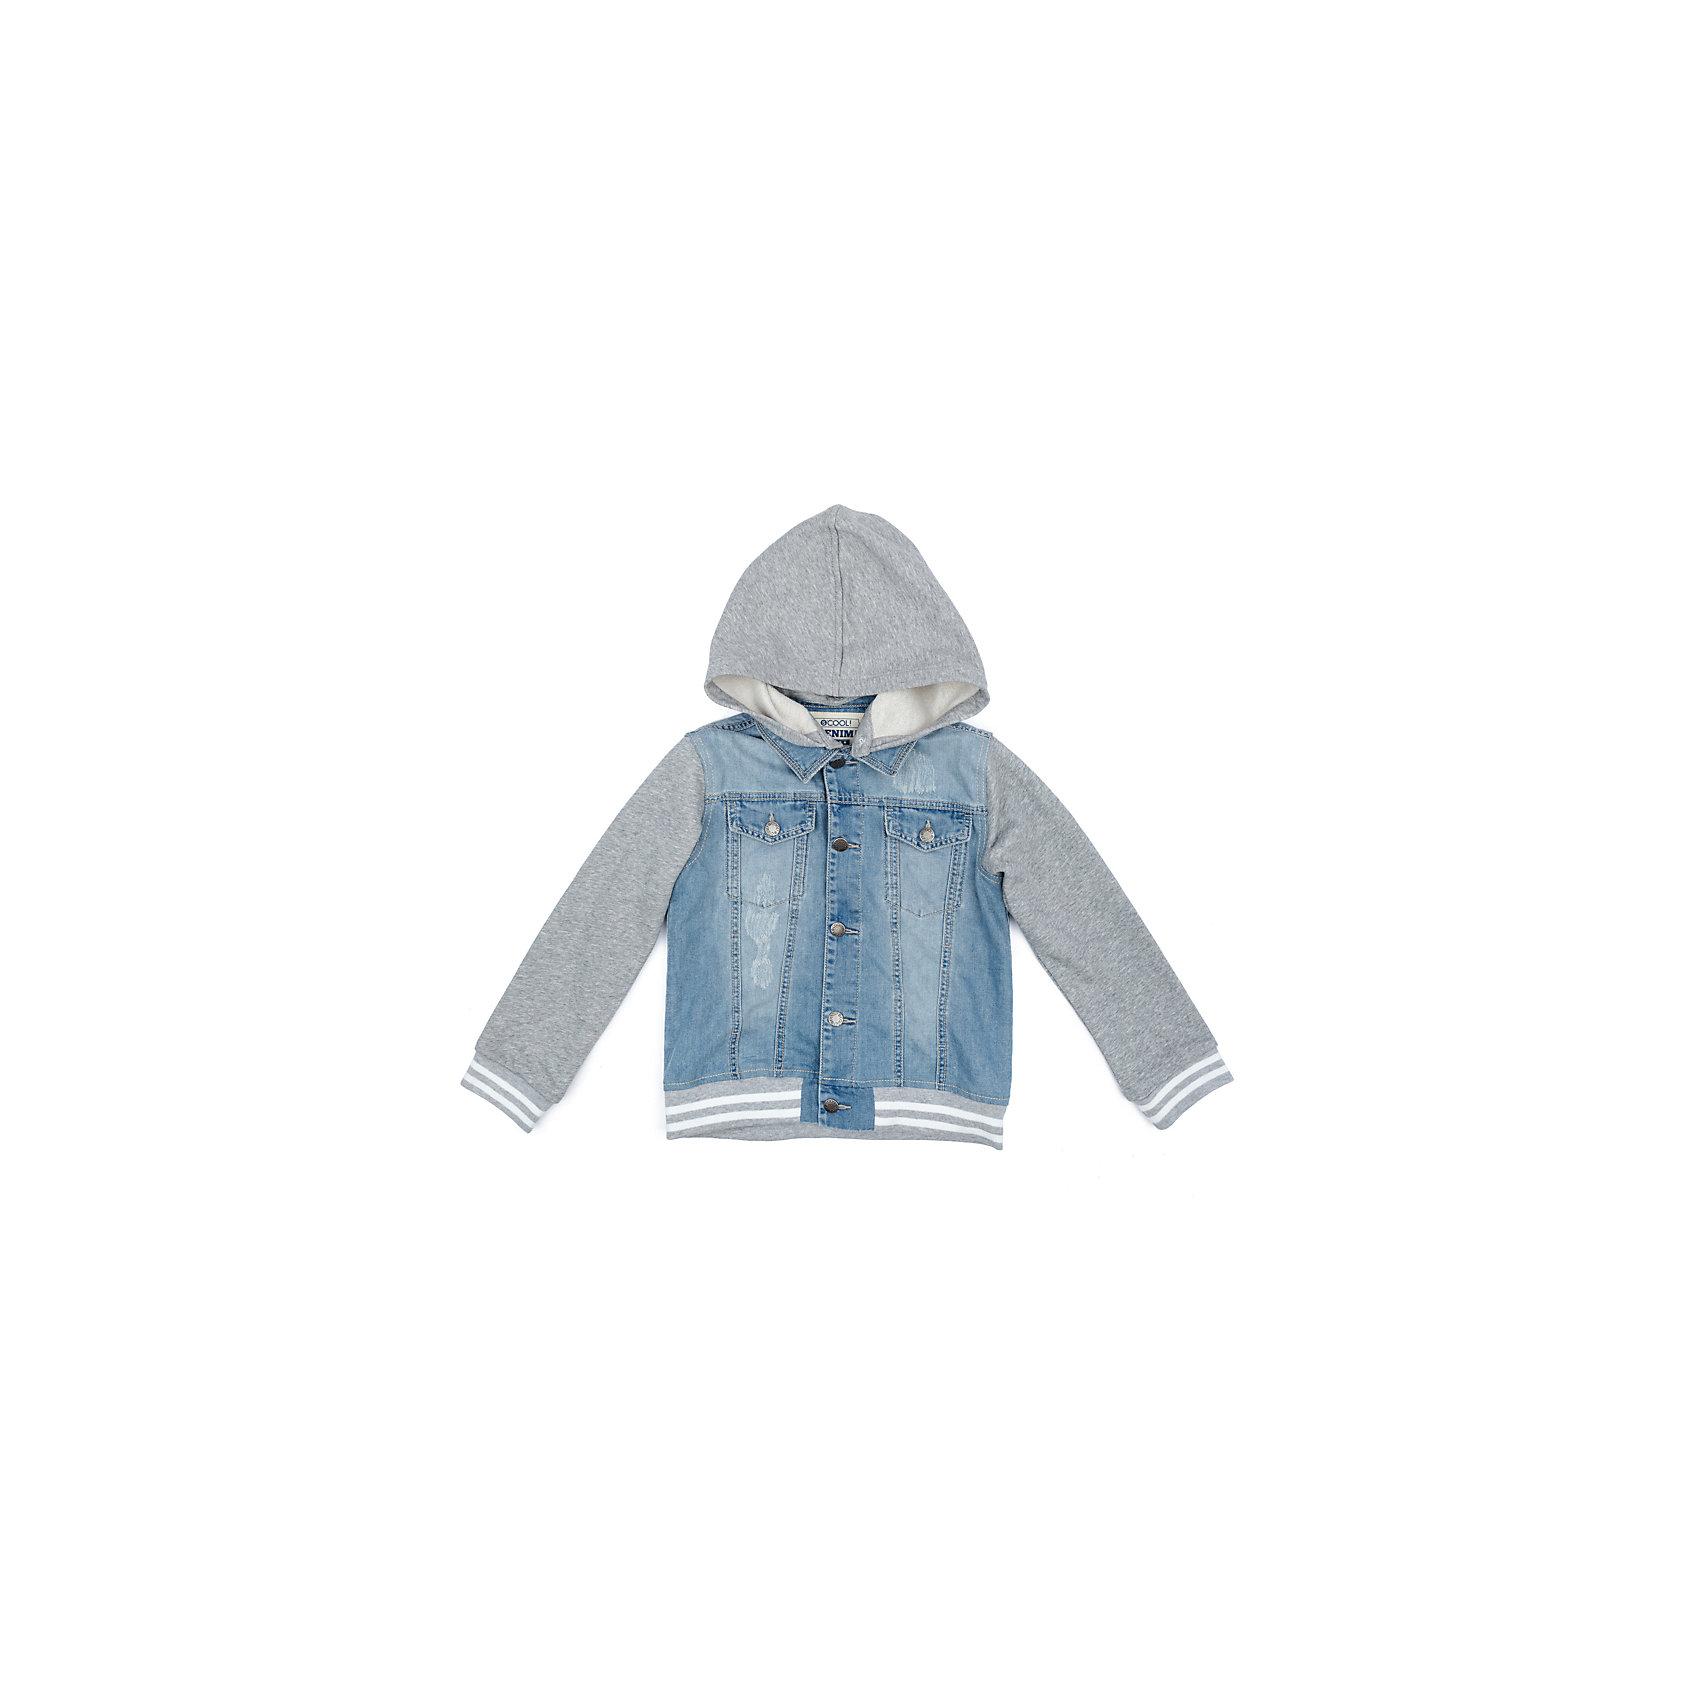 Куртка для мальчика ScoolДжинсовый бум<br>Характеристики товара:<br><br>• цвет: голубой/серый<br>• состав: 80% хлопок, 20% полиэстер<br>• без утеплителя<br>• температурный режим: от +10°С до +20°С<br>• сезон: демисезон<br>• рукава и капюшон из мягкого трикотажа<br>• джинсова ткань с эффектом потертостей<br>• отложной воротник<br>• застежка: пуговицы<br>• съёмный капюшон на кнопках<br>• мягкие резинки на манжетах и по низу изделия<br>• карманы на груди<br>• страна бренда: Германия<br>• страна производства: Китай<br><br>Джинсовая куртка для мальчика Scool. Эта эффектная модная демисезонная куртка обязательно понравится ребенку! Модель выполнена из 2-х видов ткани - натуральной джинсовой и трикотажа (капюшон и рукава). При необходимости капюшон можно отстегнуть - он крепится на застежках-кнопках. Мягкие резинки на манжетах и по низу изделия. Джинсовая ткань с эффектом потертости.<br><br>Куртку для мальчика от известного бренда Scool можно купить в нашем интернет-магазине.<br><br>Ширина мм: 356<br>Глубина мм: 10<br>Высота мм: 245<br>Вес г: 519<br>Цвет: белый<br>Возраст от месяцев: 132<br>Возраст до месяцев: 144<br>Пол: Мужской<br>Возраст: Детский<br>Размер: 152,158,164,134,140,146<br>SKU: 5406658